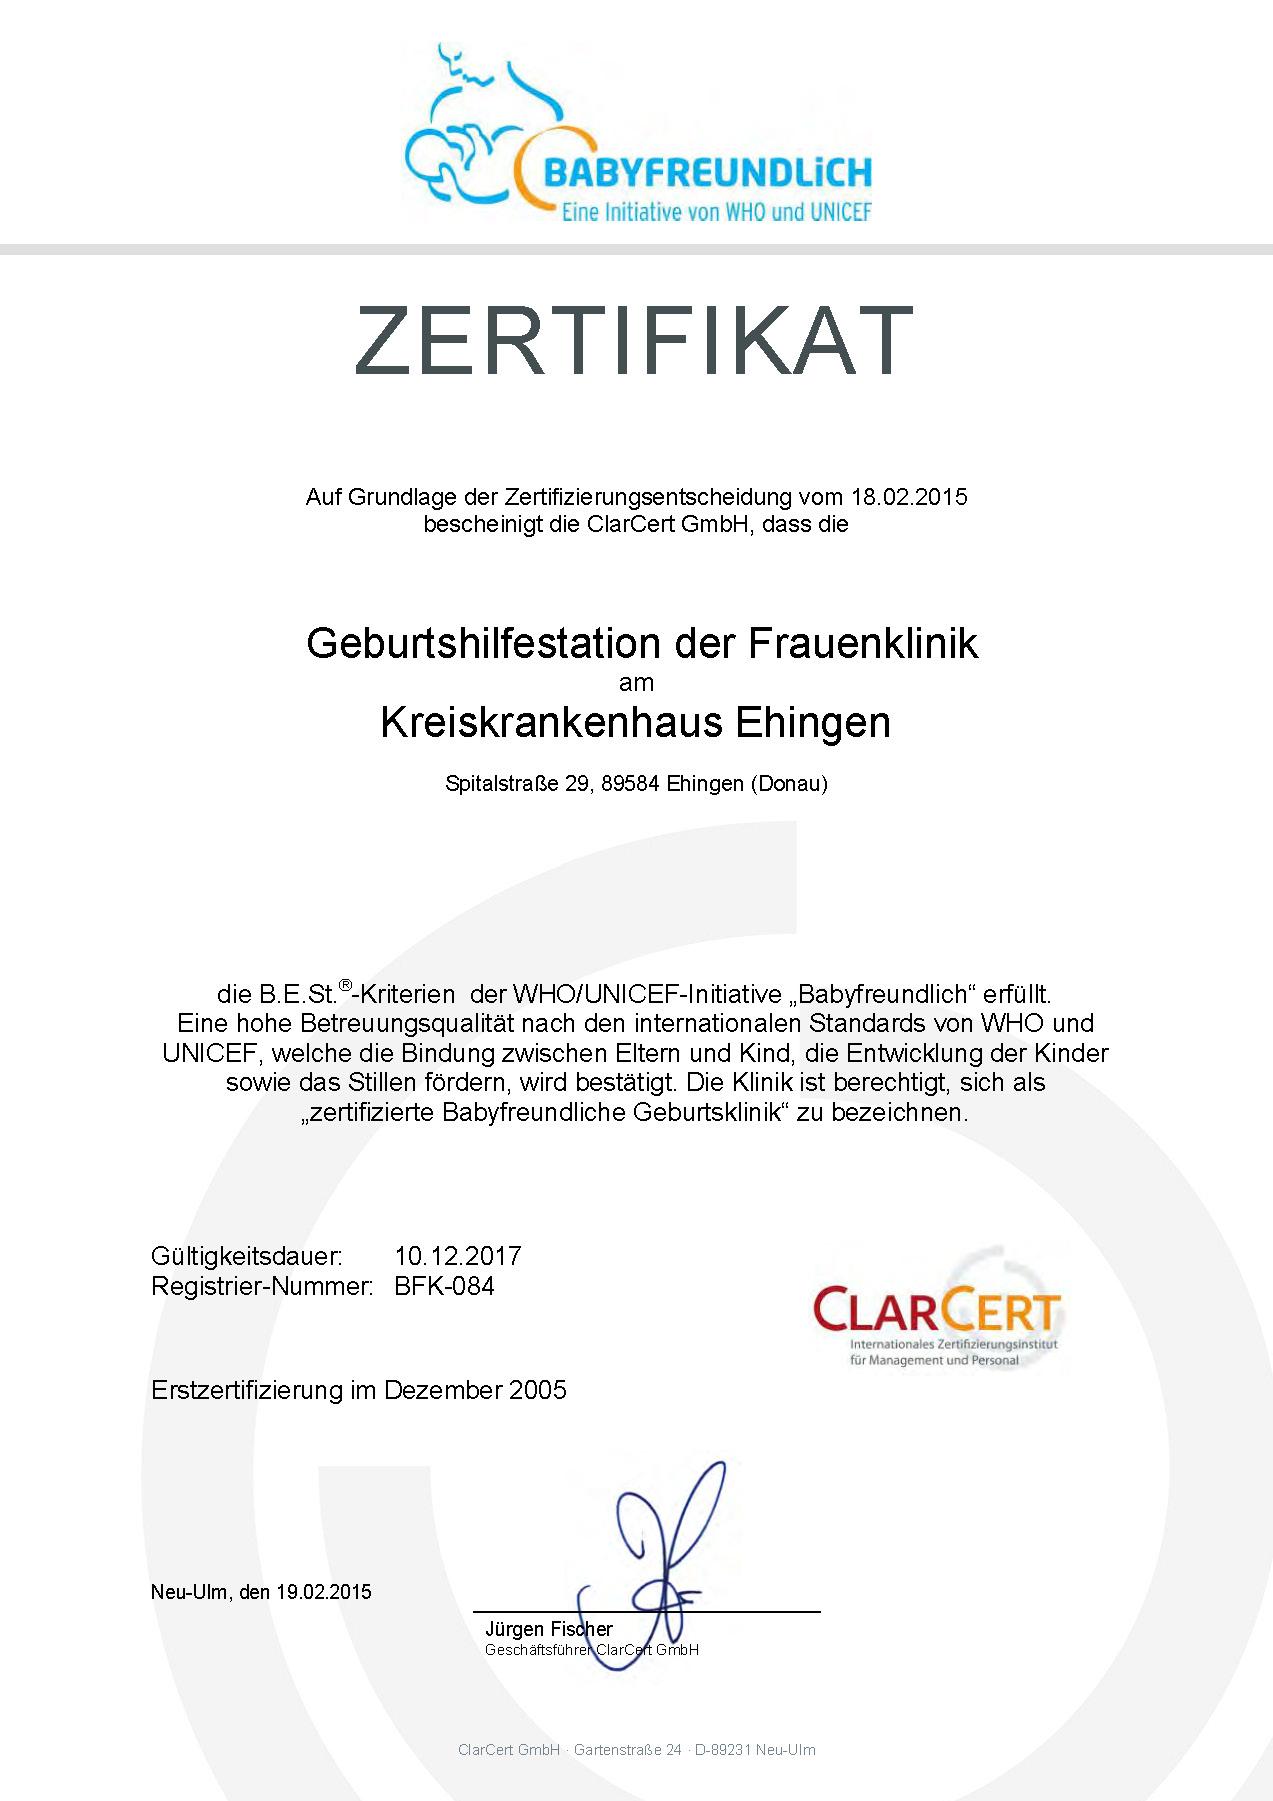 Zertifikat Babyfreundliche Geburtsklinik Ehingen